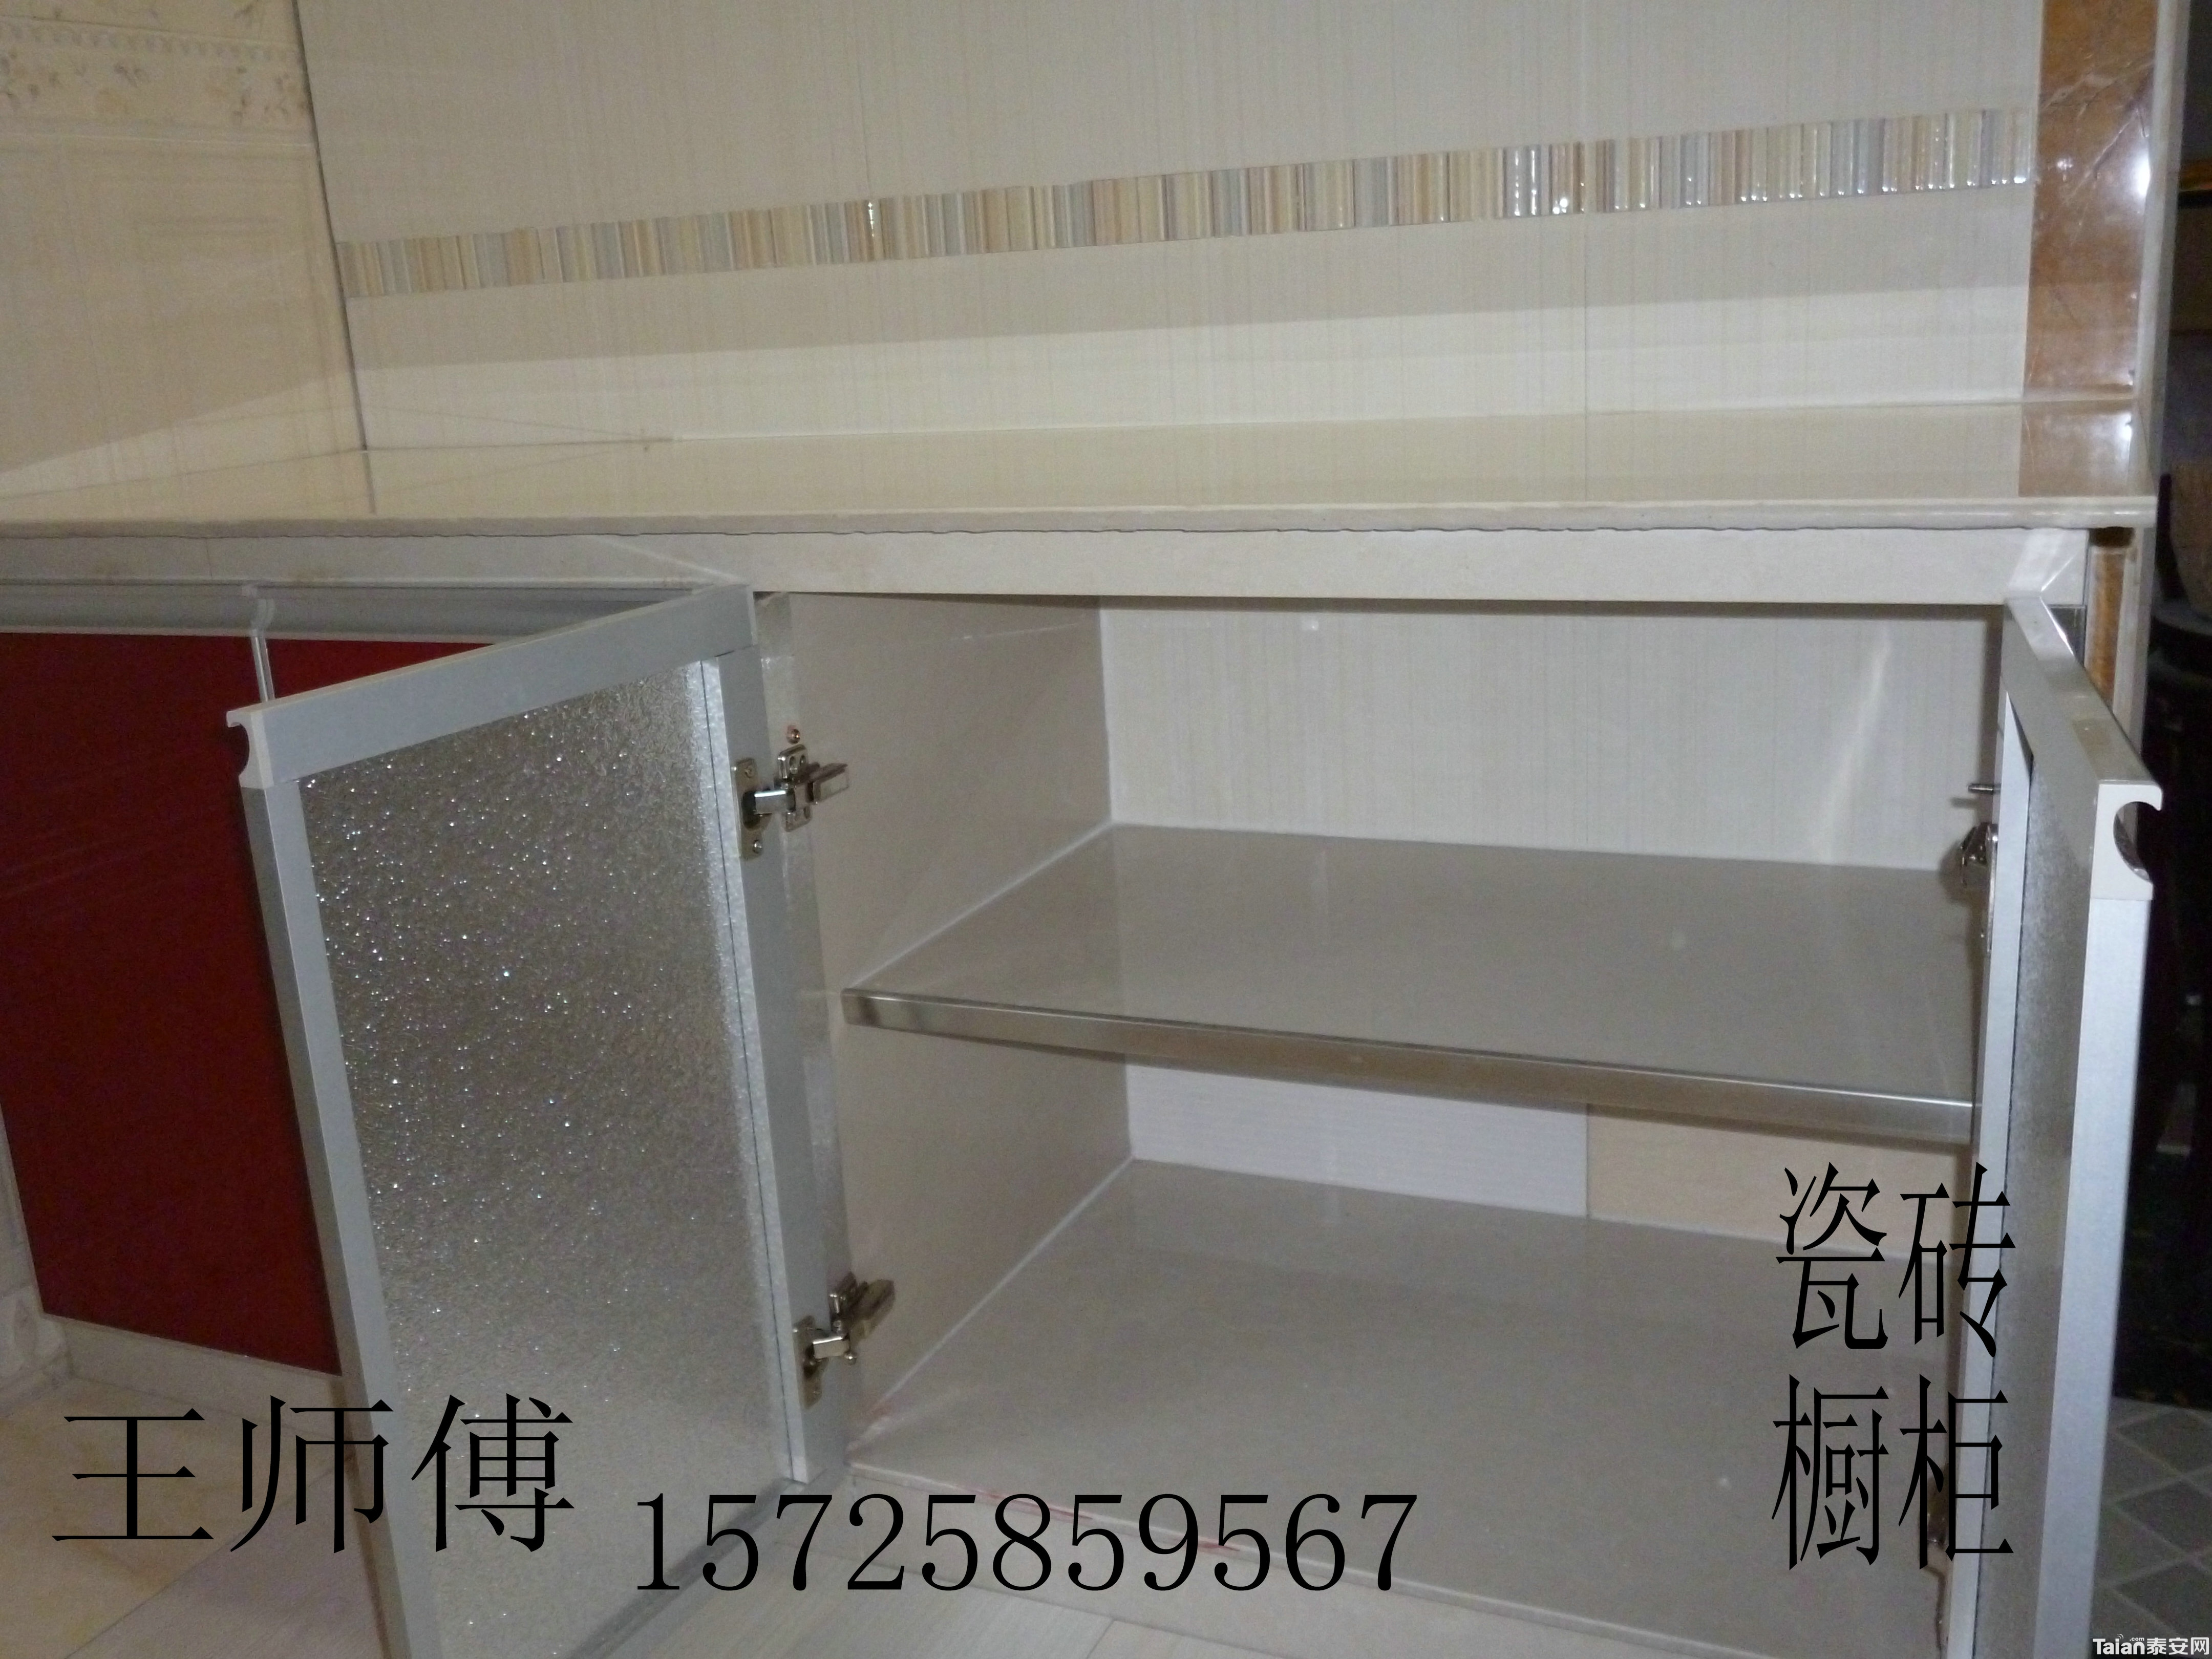 瓷砖灶台橱柜成为家庭厨房装修的新亮点